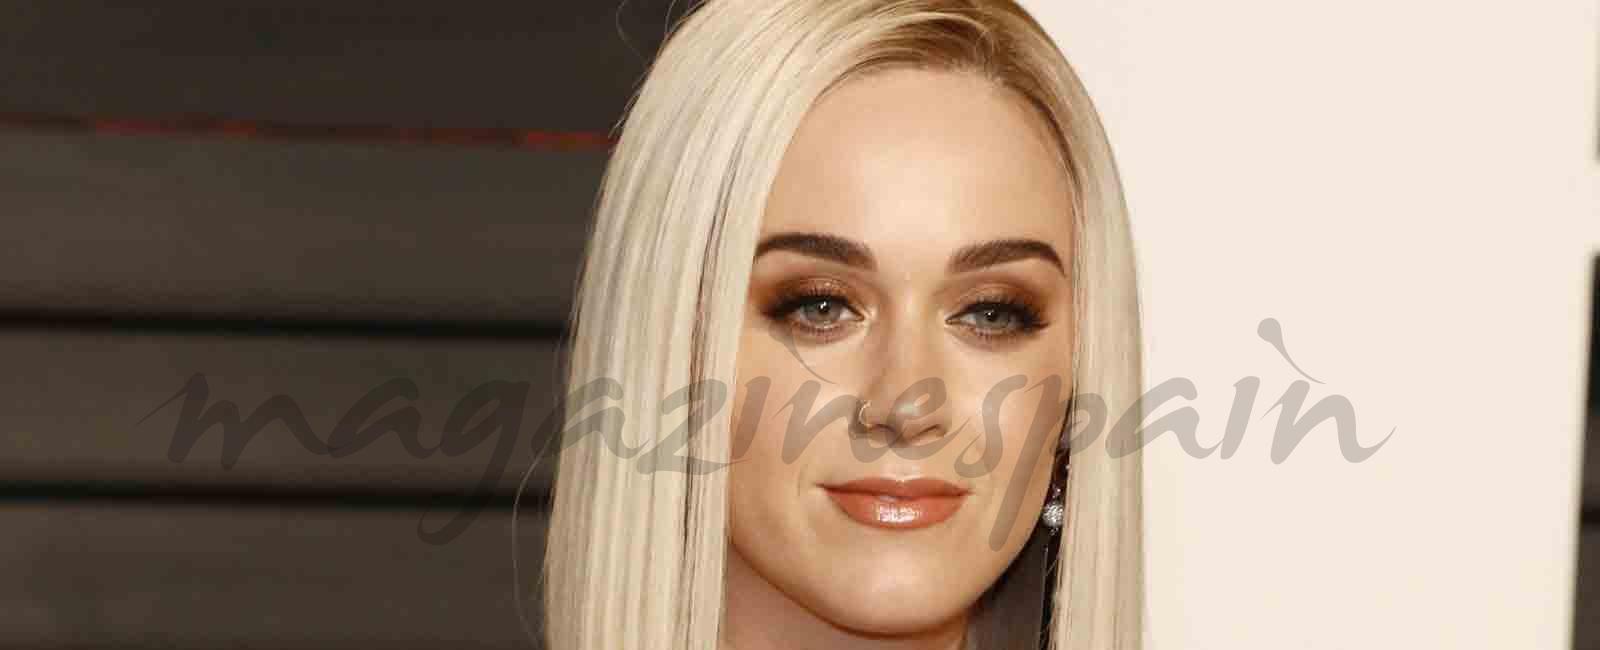 Katy Perry sorprende con sus declaraciones: «He hecho algo más que besar a una chica»